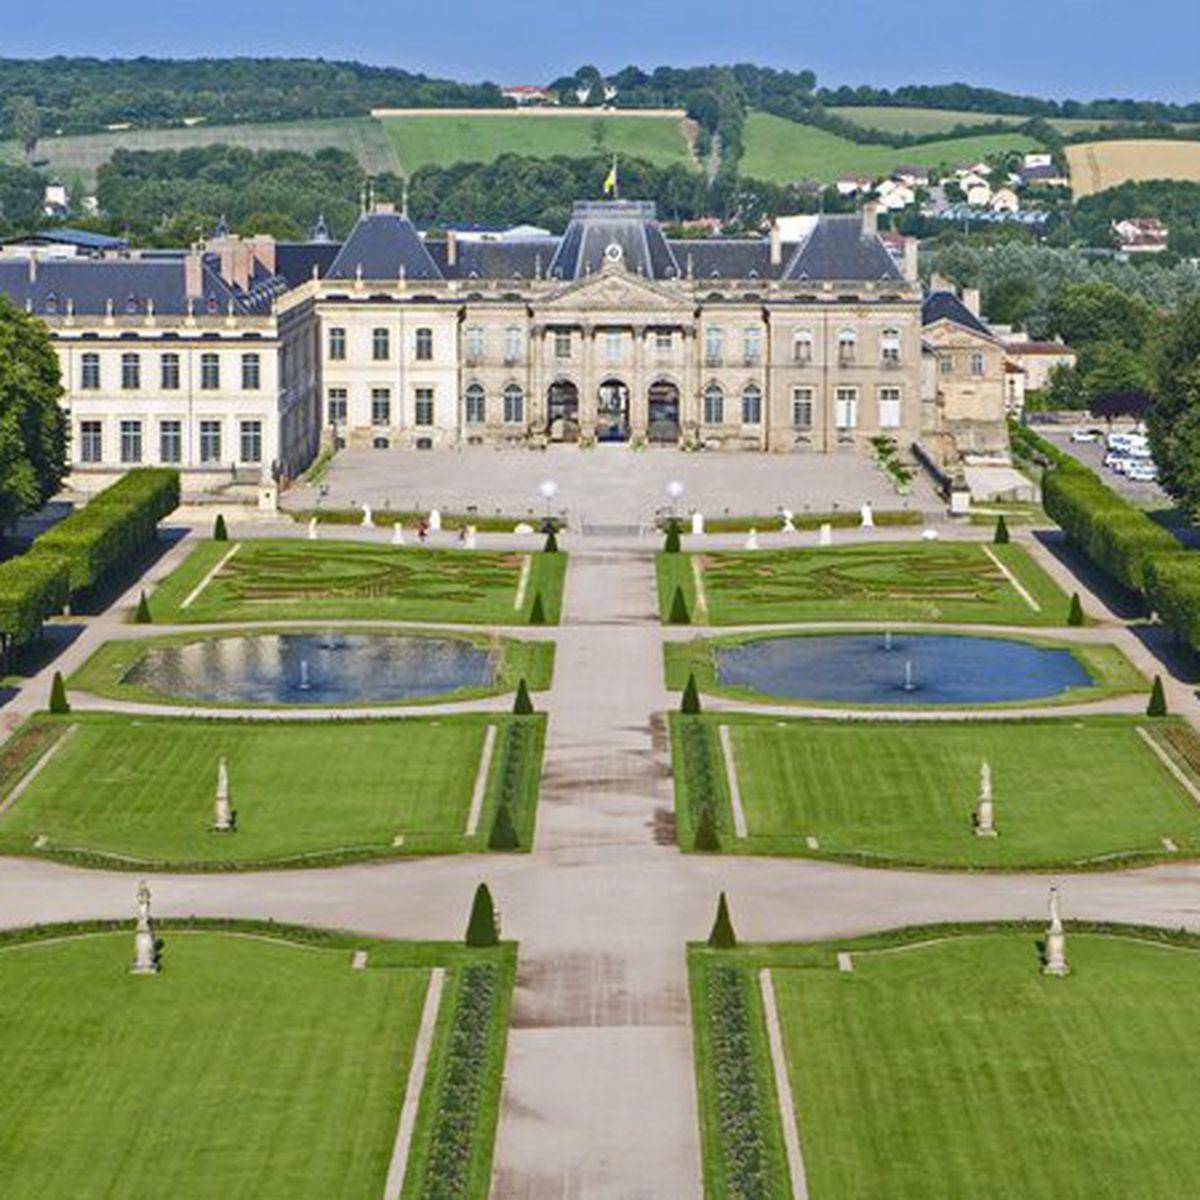 Entrée gratuite du Château de Lunéville et à son musée - Lunéville (54)